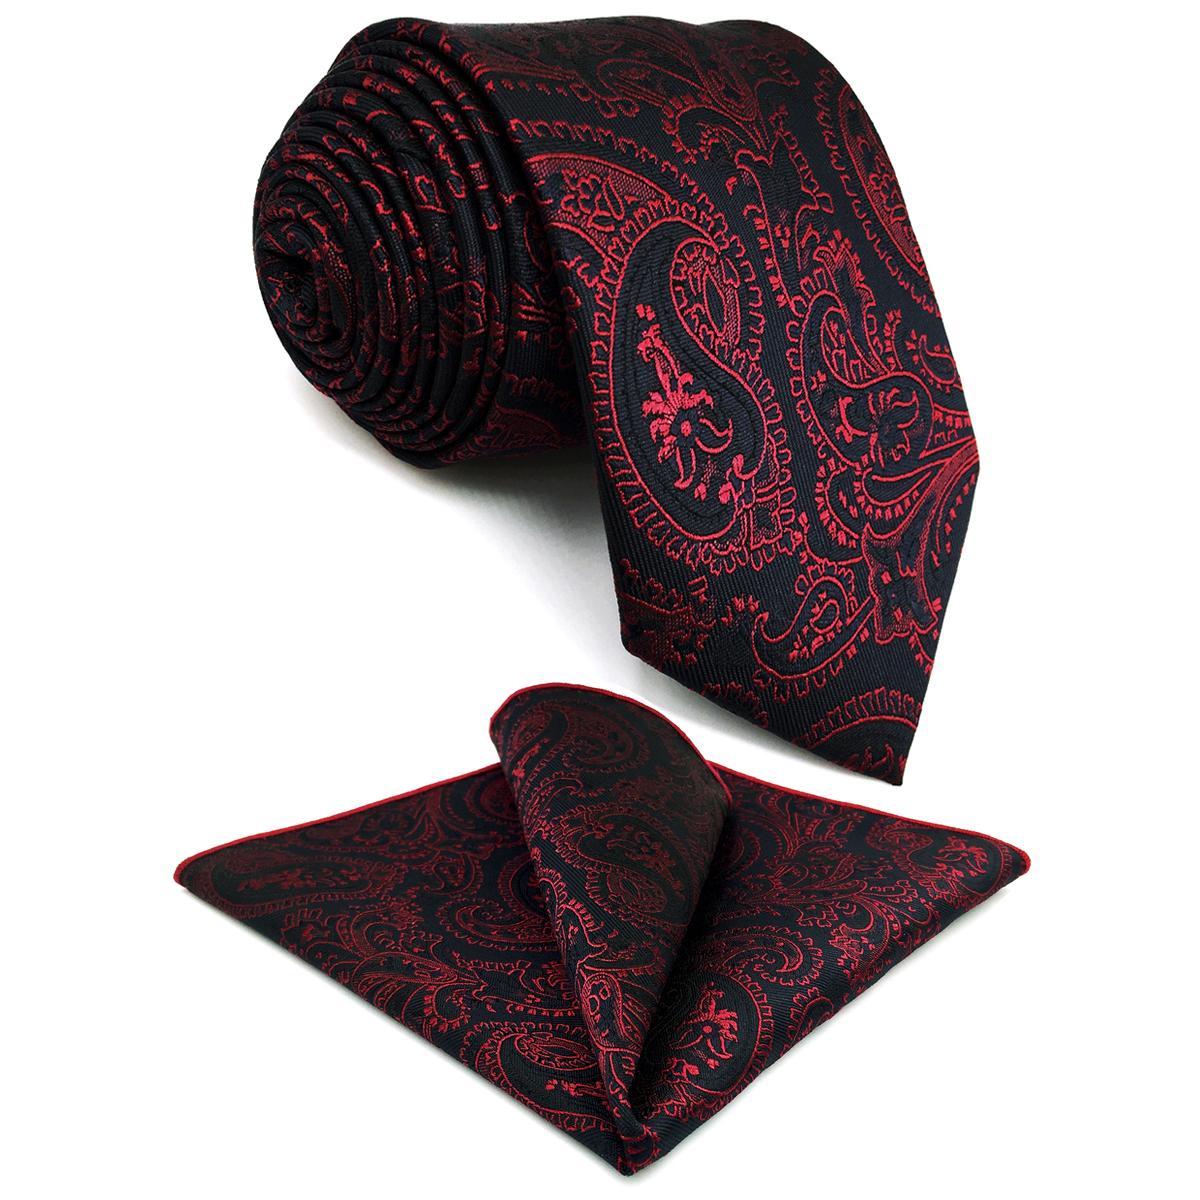 남성 엑스트라 롱 사이즈 파티 패션 손수건을위한 G15 블랙 레드 페이즐리 남성 넥타이 세트 실크 클래식 웨딩 넥타이